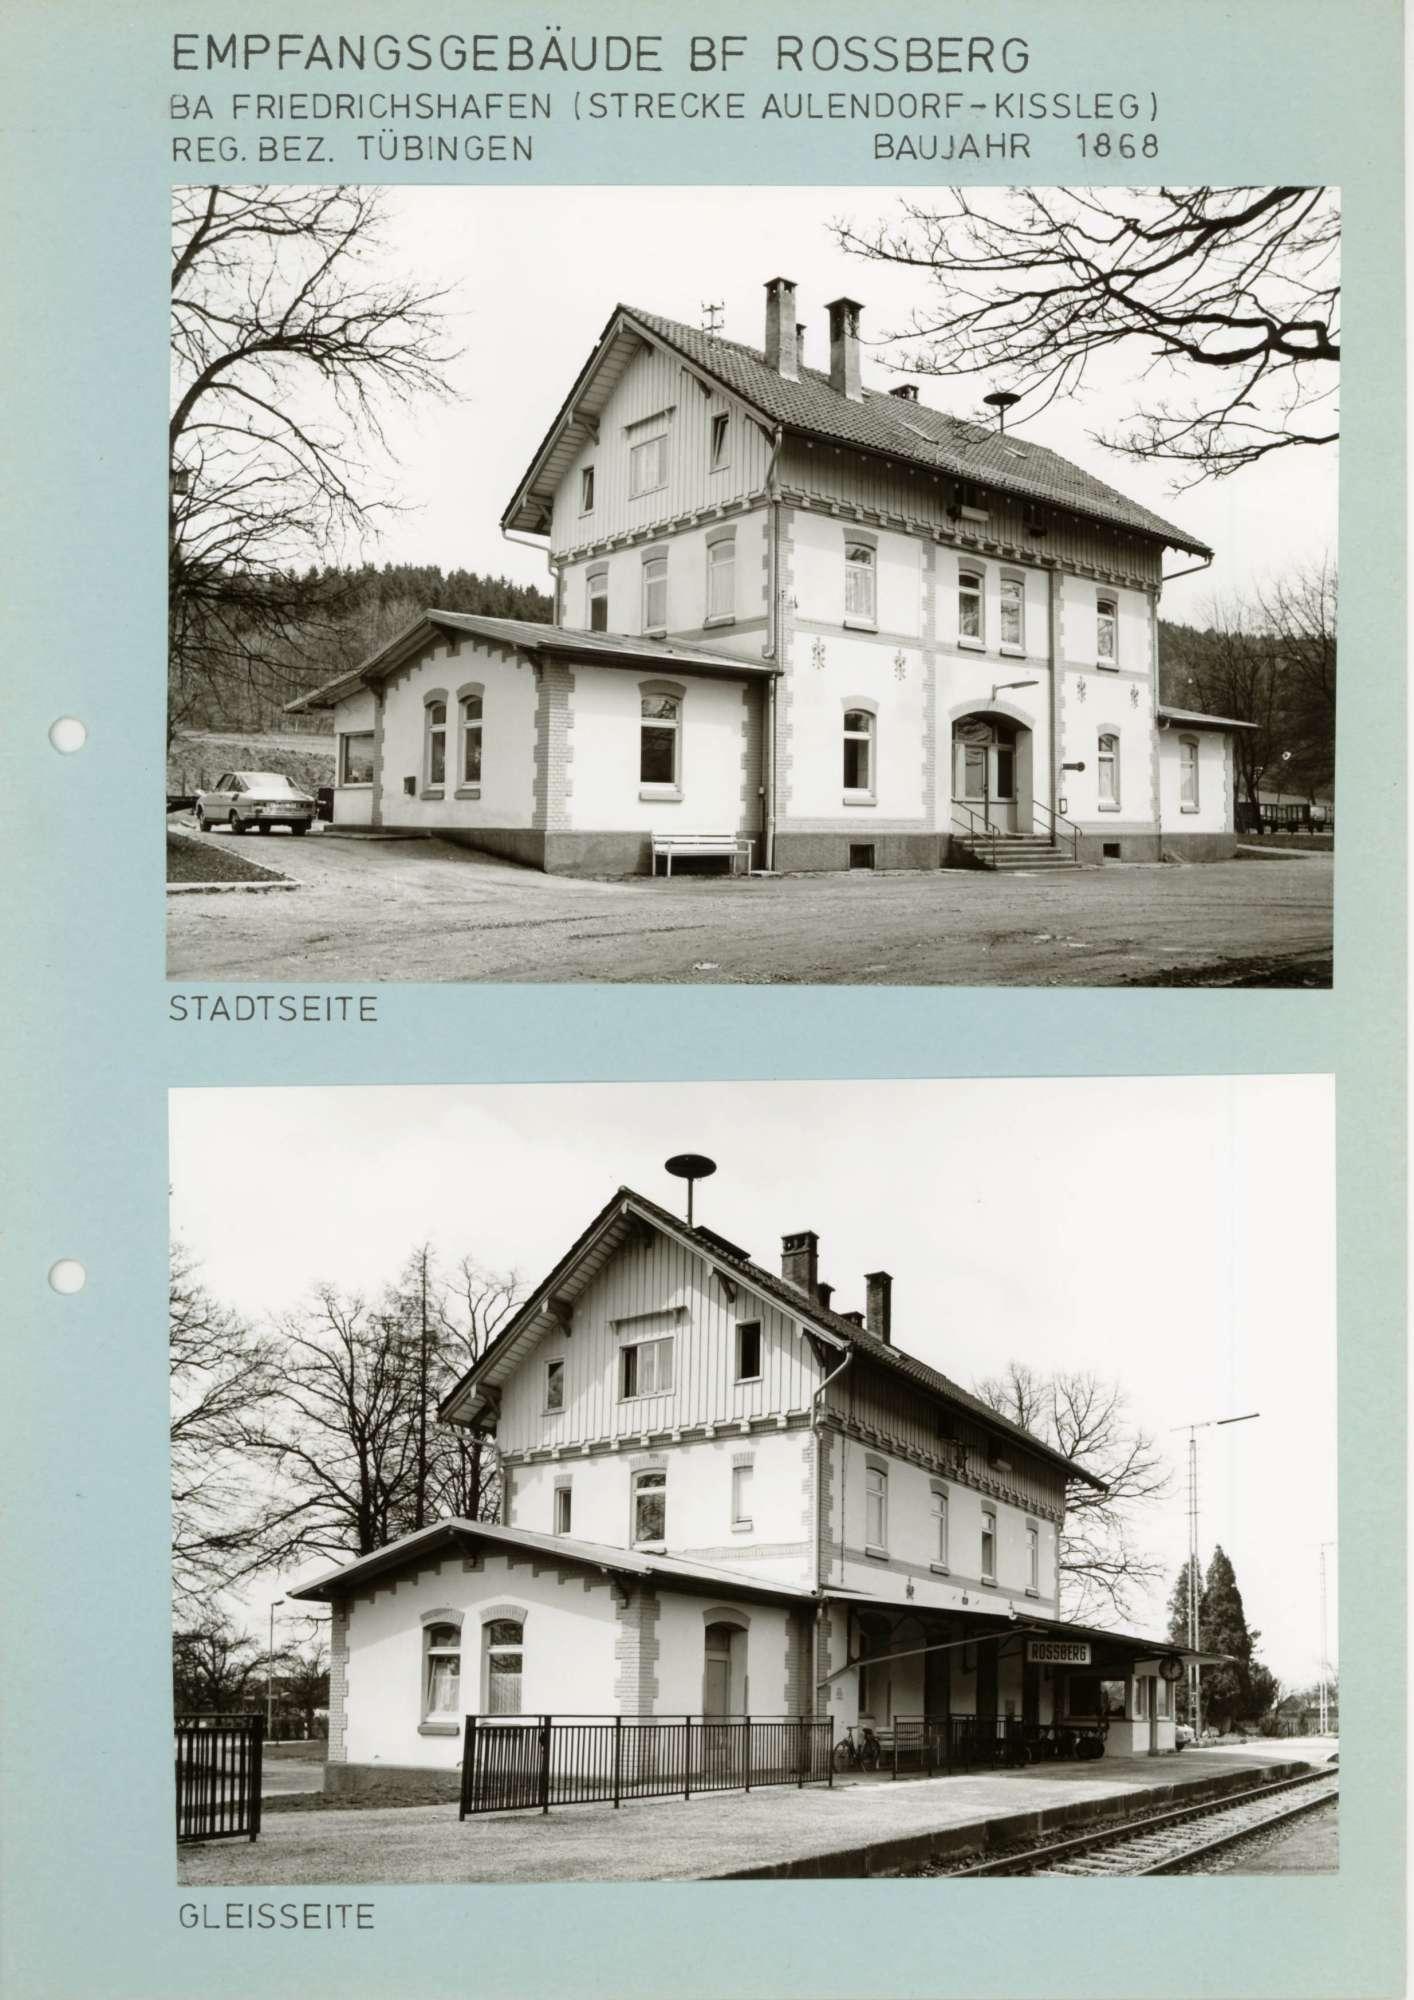 Roßberg: 6 Fotos, Bild 2